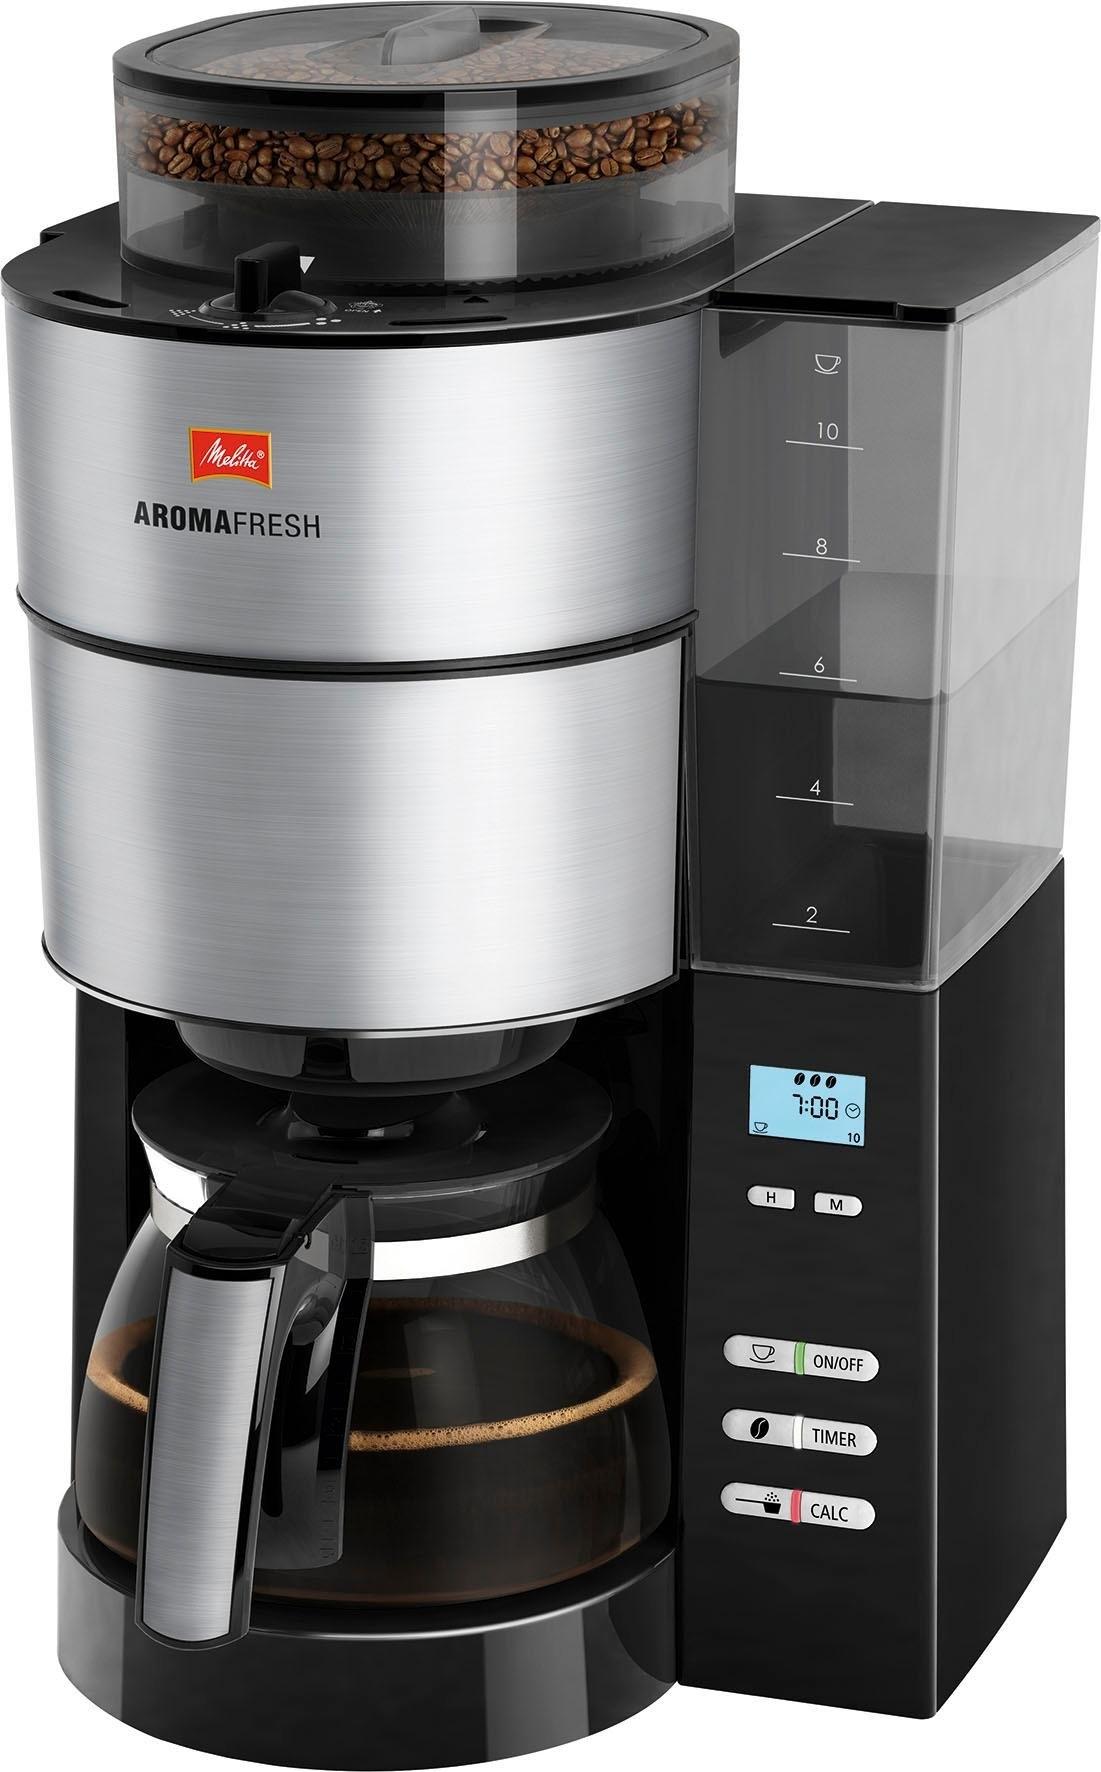 Melitta koffiezetapparaat met maalwerk Melitta AromaFresh 1021-01, met een geïntegreerd maalwerk - verschillende betaalmethodes